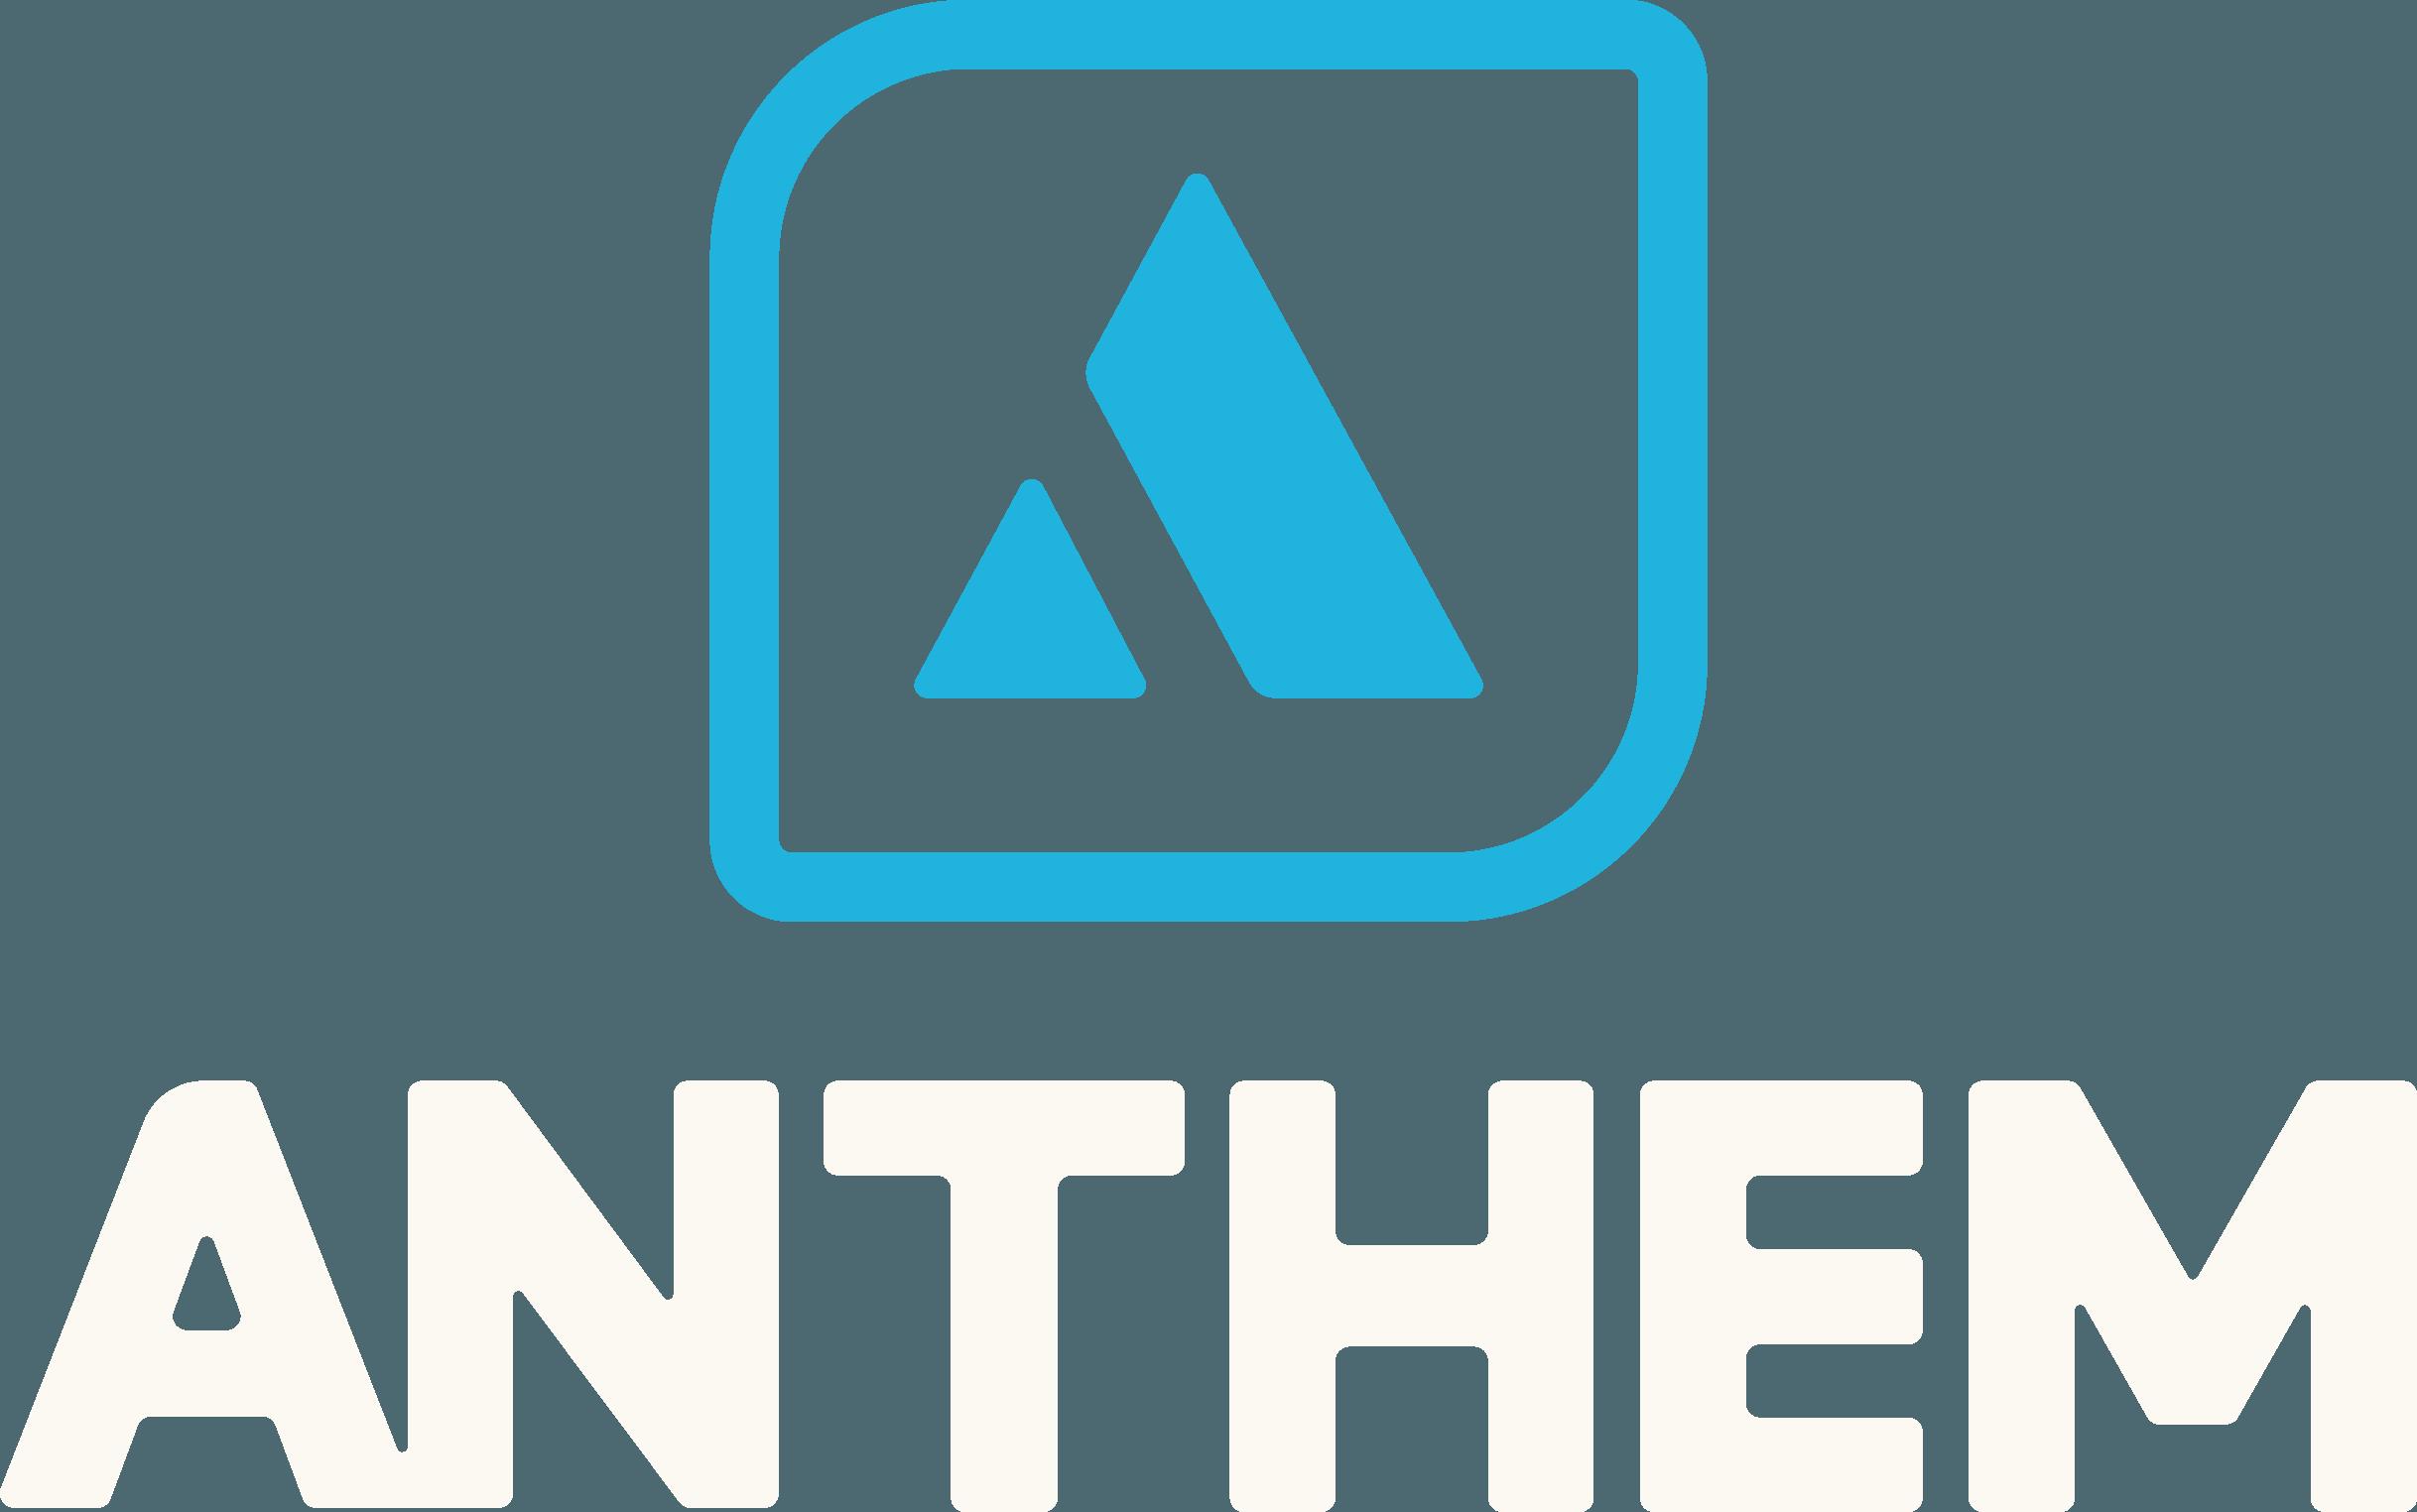 Branding Anthem Church